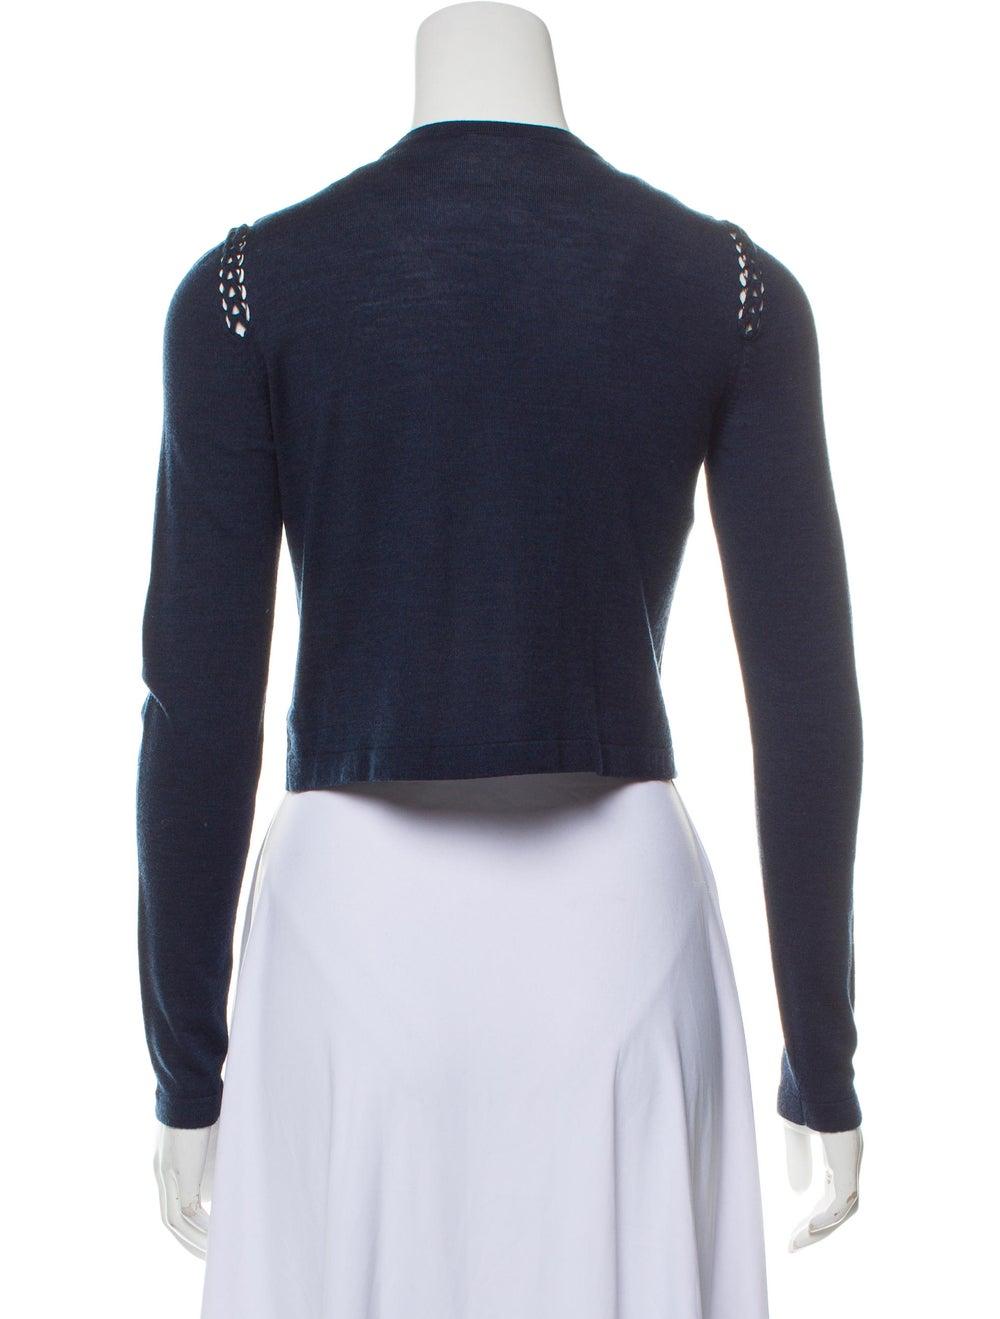 Akris Wool Cropped Cardigan - image 3